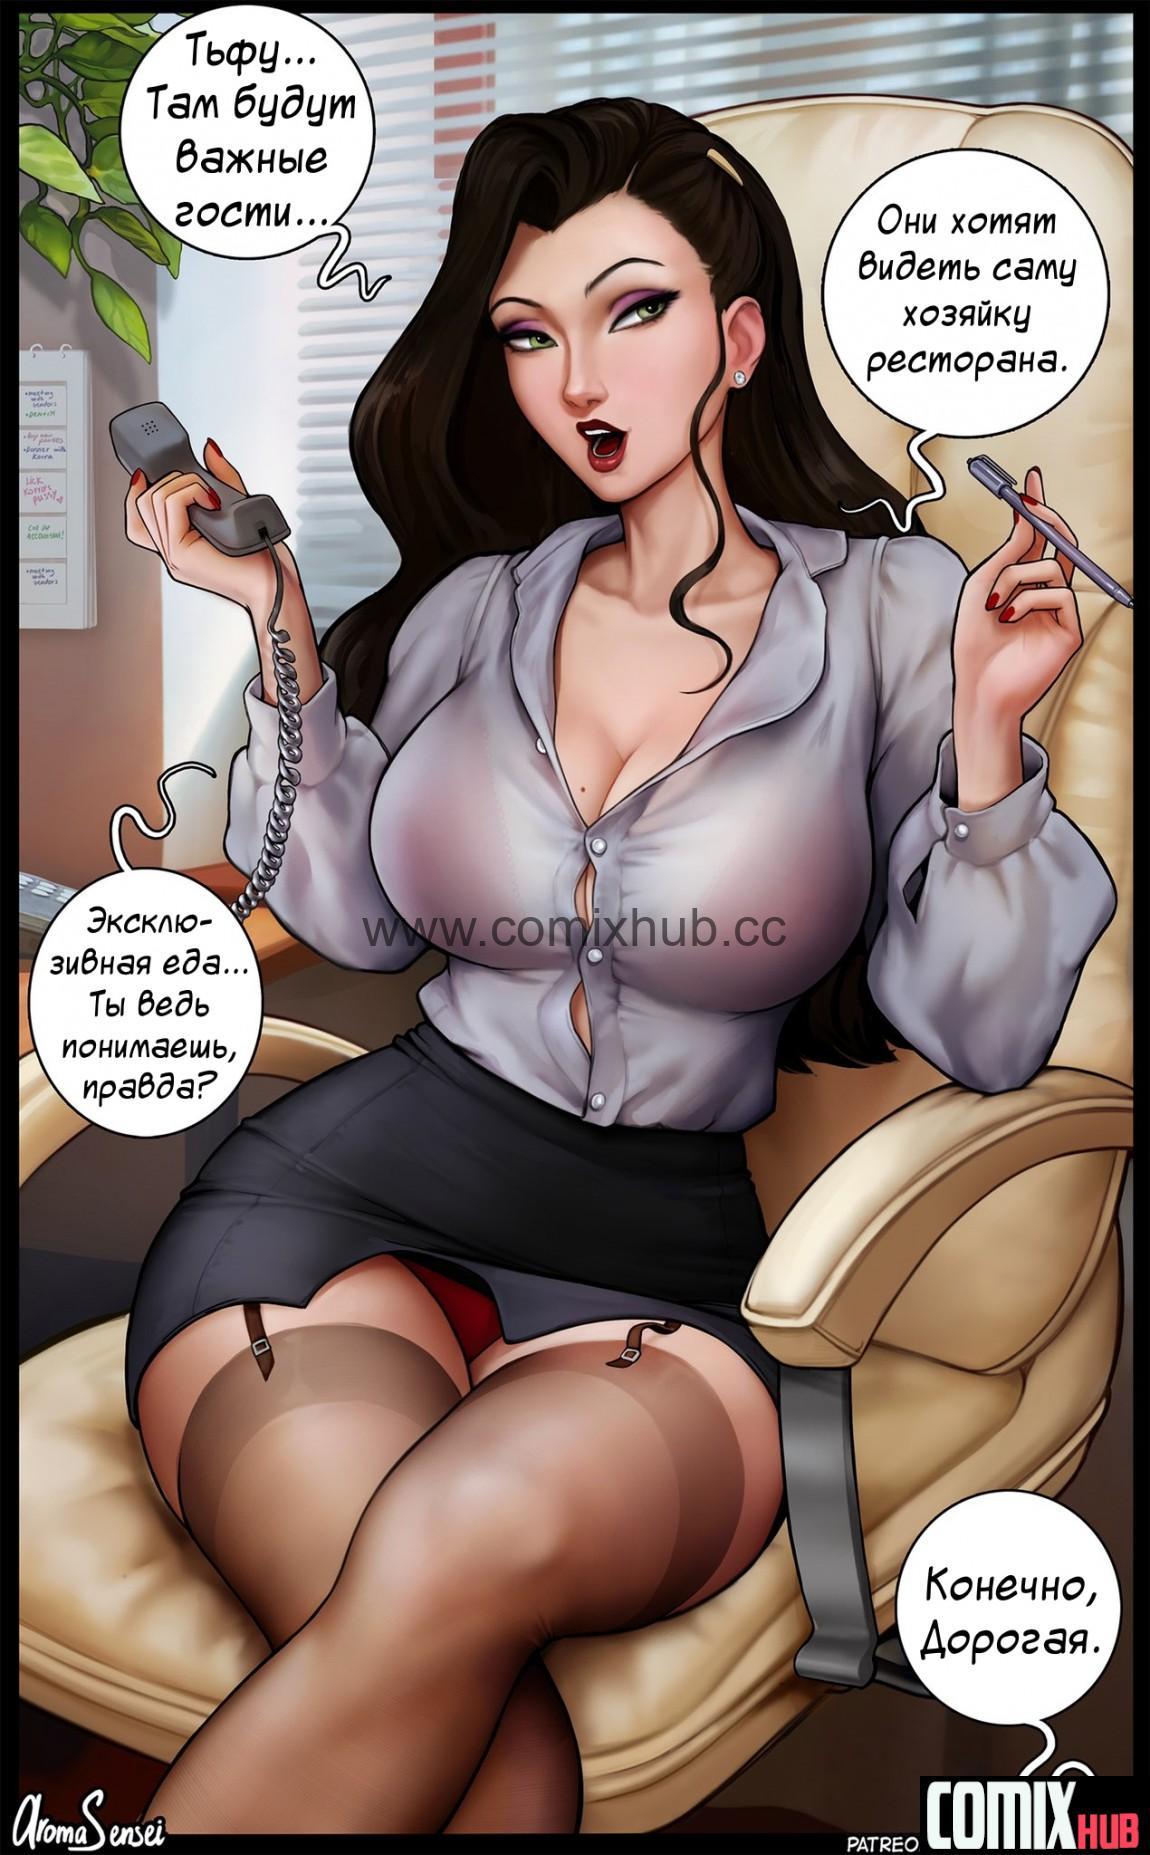 Порно комиксы Aromasensei, Эльза, Асами и Корра Порно комиксы, Без цензуры, Большая грудь, Герои из мультиков, Мастурбация